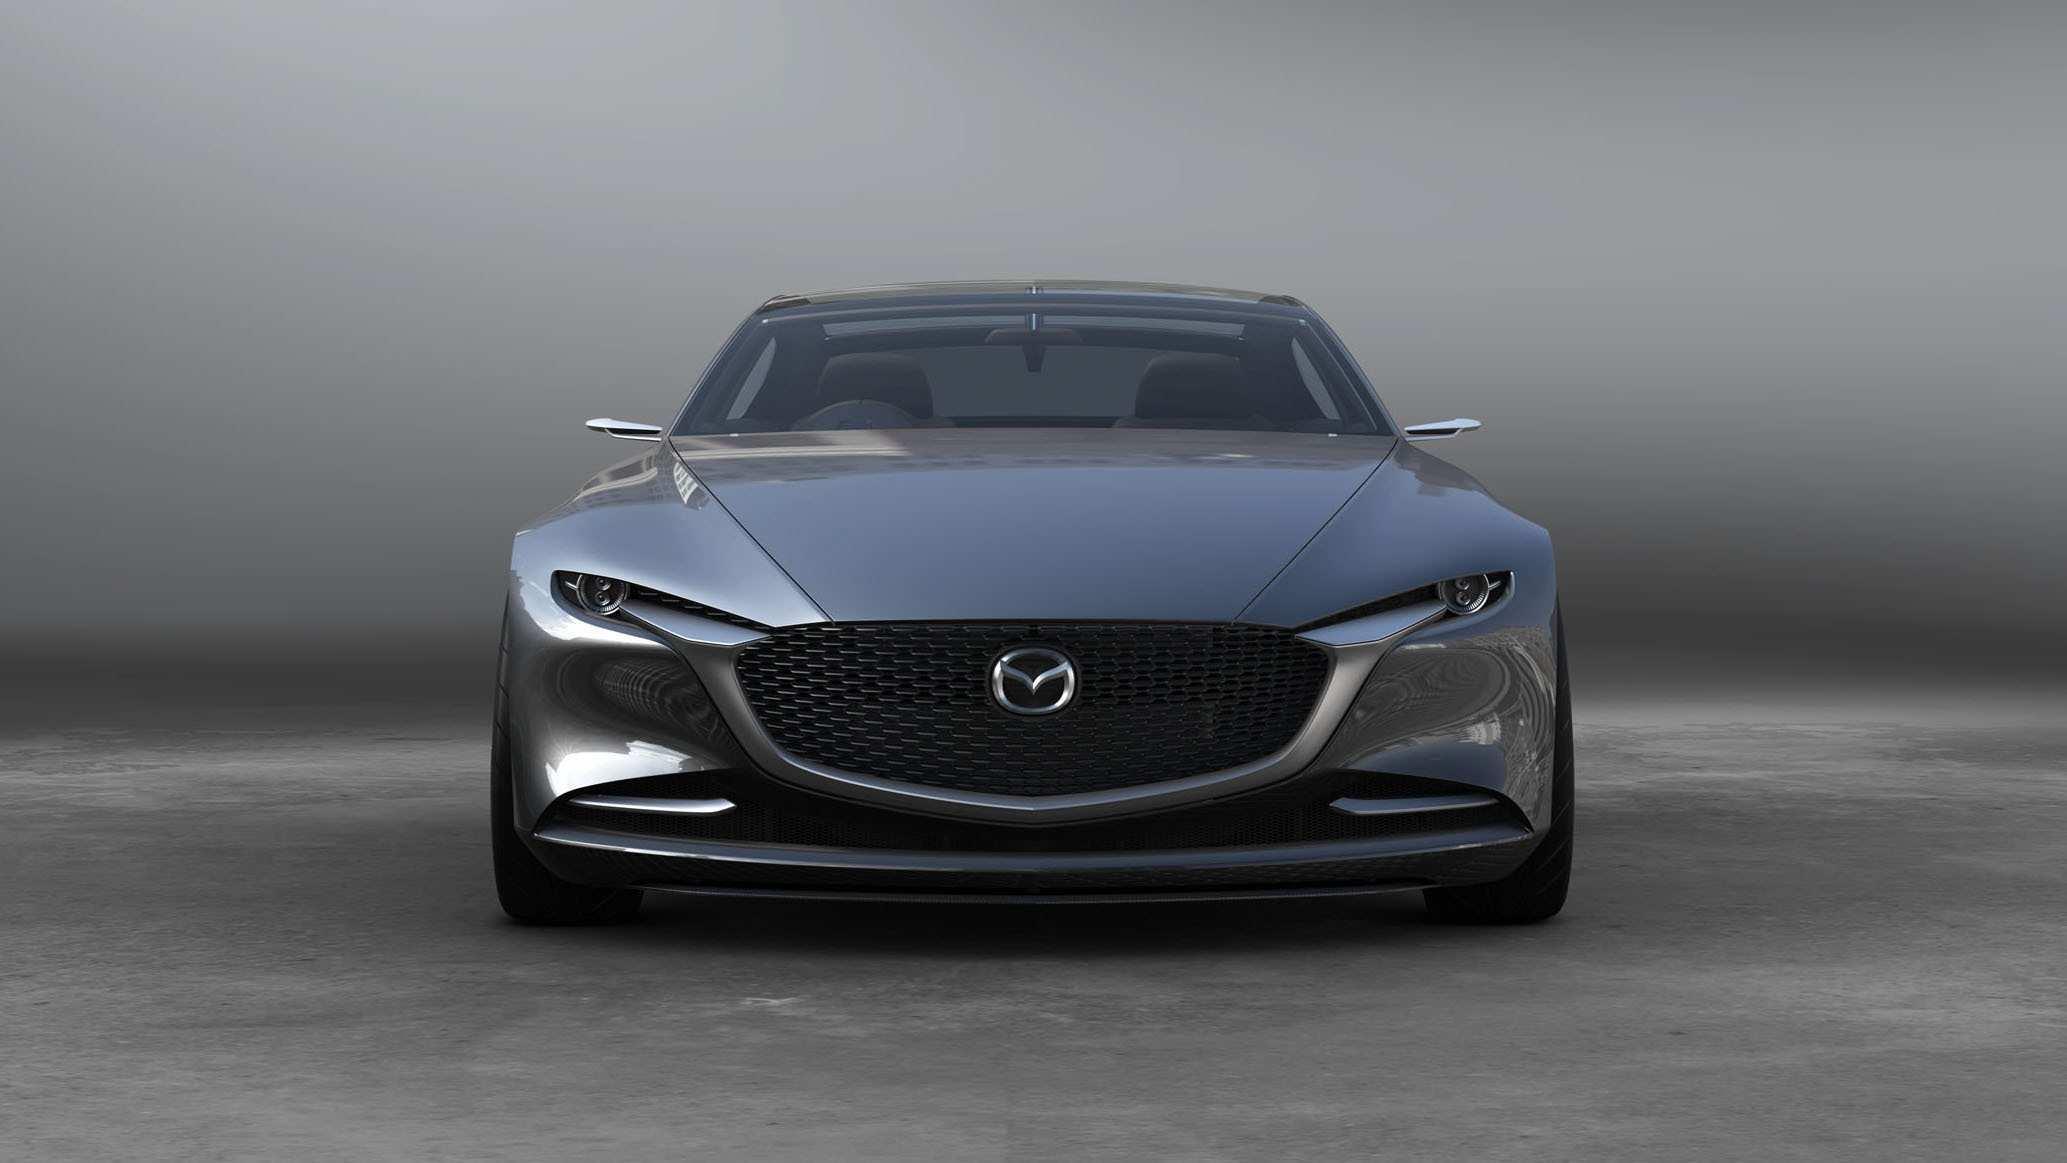 29 Gallery of Nuevos New Conceptos Mazda 2020 Prices with Nuevos New Conceptos Mazda 2020